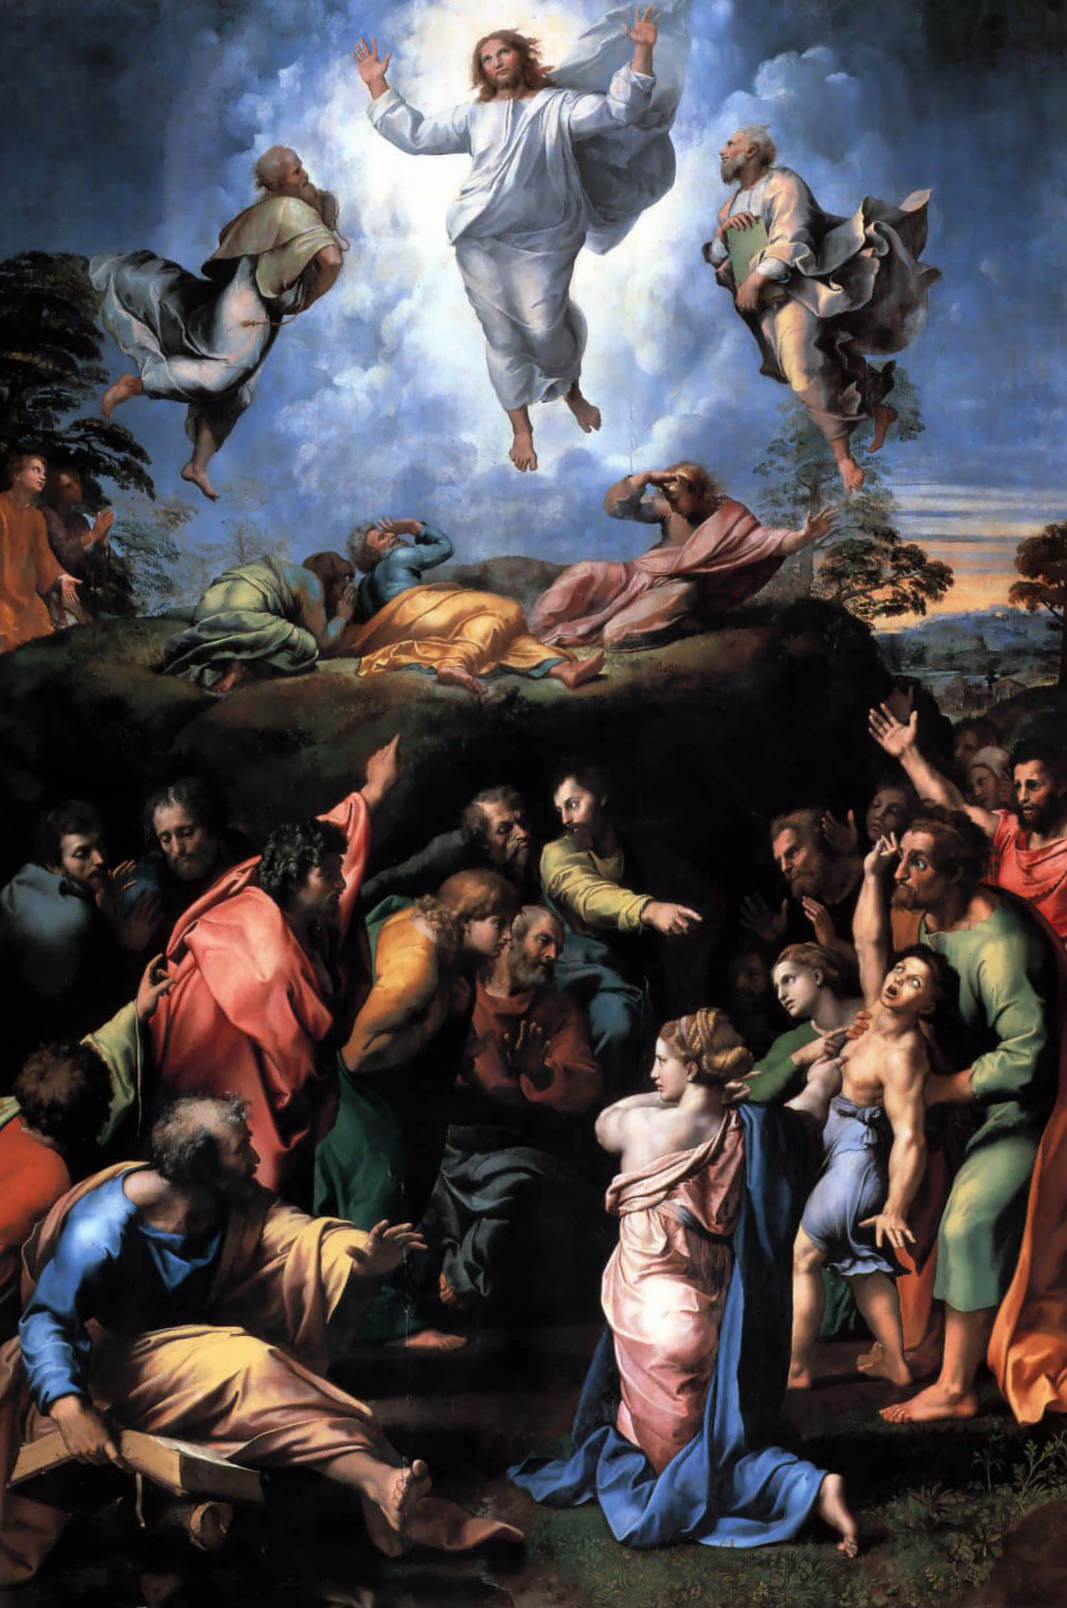 Преображение - Рафаэль Санти (1518-1520, в нижней части завершено Джулио Романо; Пинакотека Ватикана)